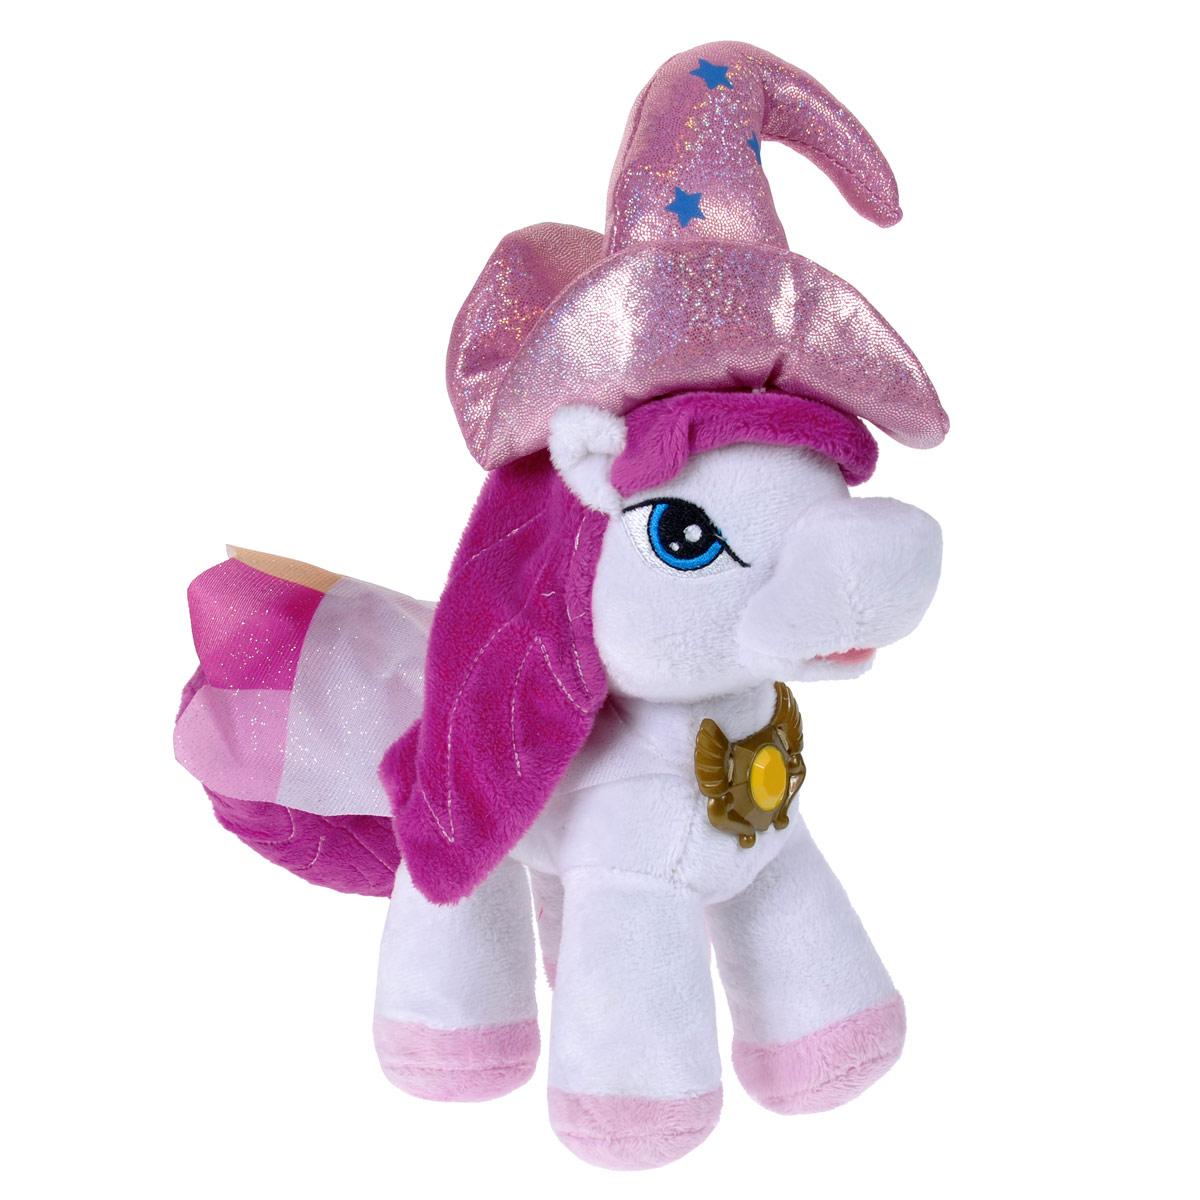 Мягкая игрушка Filly Лошадка Ведьма Абра, 25 см13-20Мягкая игрушка Filly Лошадка Ведьма Абра непременно понравится вашей малышке. Она выполнена из приятного на ощупь текстильного материала цвета в виде лошадки Филли - Ведьмы Абры. У лошадки вышиты глазки, одета она в белый плащ с разноцветными вставками и пластиковой заколкой, на голове - розовая остроконечная шляпа с блестками. Игрушка подарит своему обладателю хорошее настроение и принесет много радости. Порадуйте своего ребенка таким замечательным подарком!